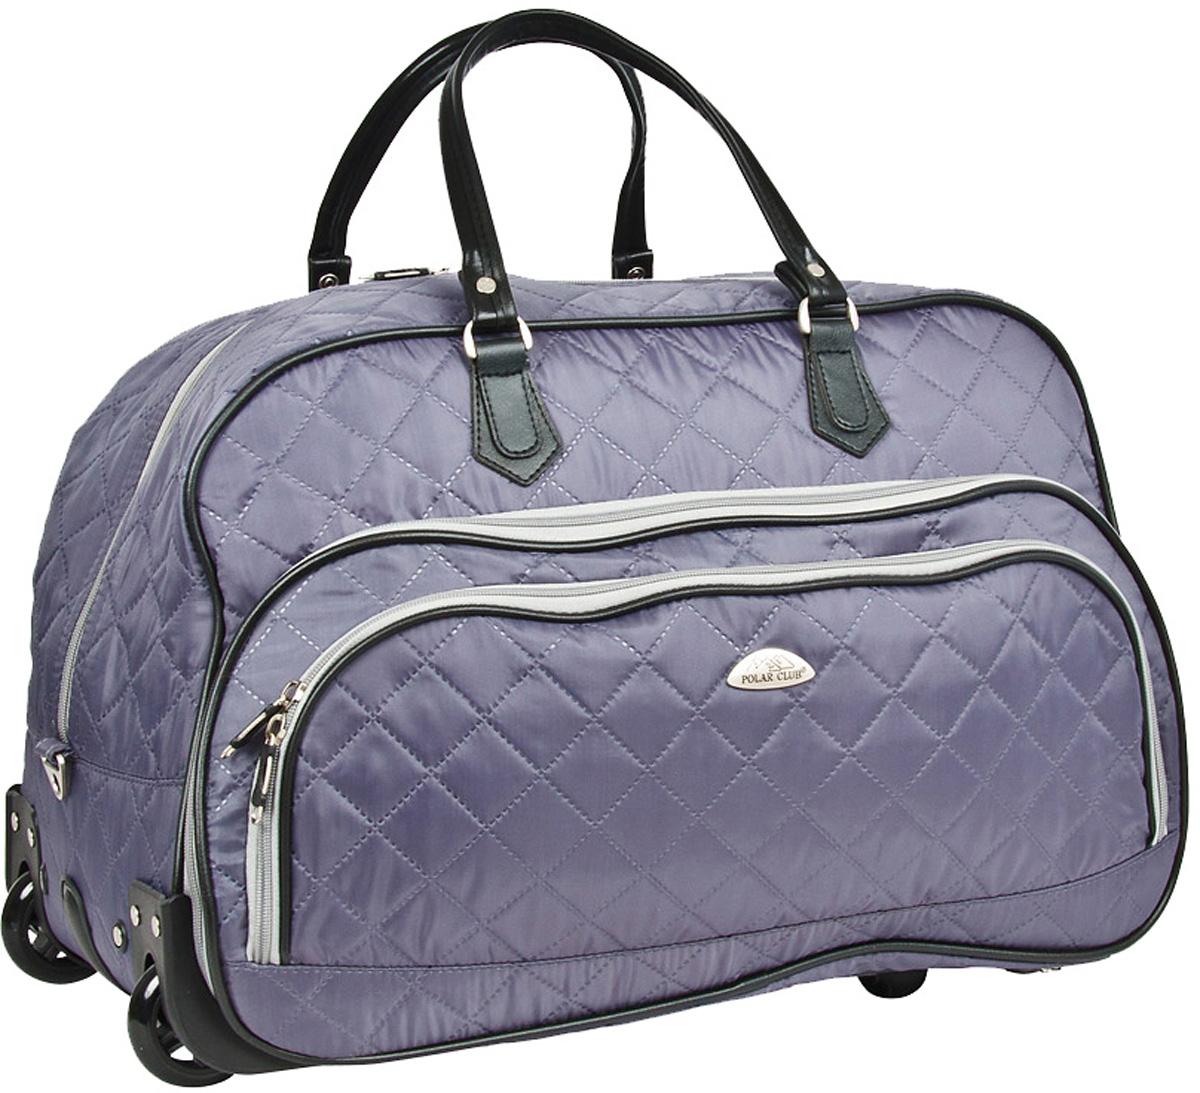 Сумка дорожная Polar Стежка, на колесах, цвет: серый, 51 л, 55 х 37 х 25 см. 7050.17050.1Колесная дорожная сумка Polar. Пластиковые колеса, выдвижная ручка ,выдвигается на 38 см. Имеется съемный плечевой ремень, что бы носить сумку через плечо. Одно большое отделение для ваших вещей. Два кармана спереди сумки на молнии. Высота ручек 17 см.